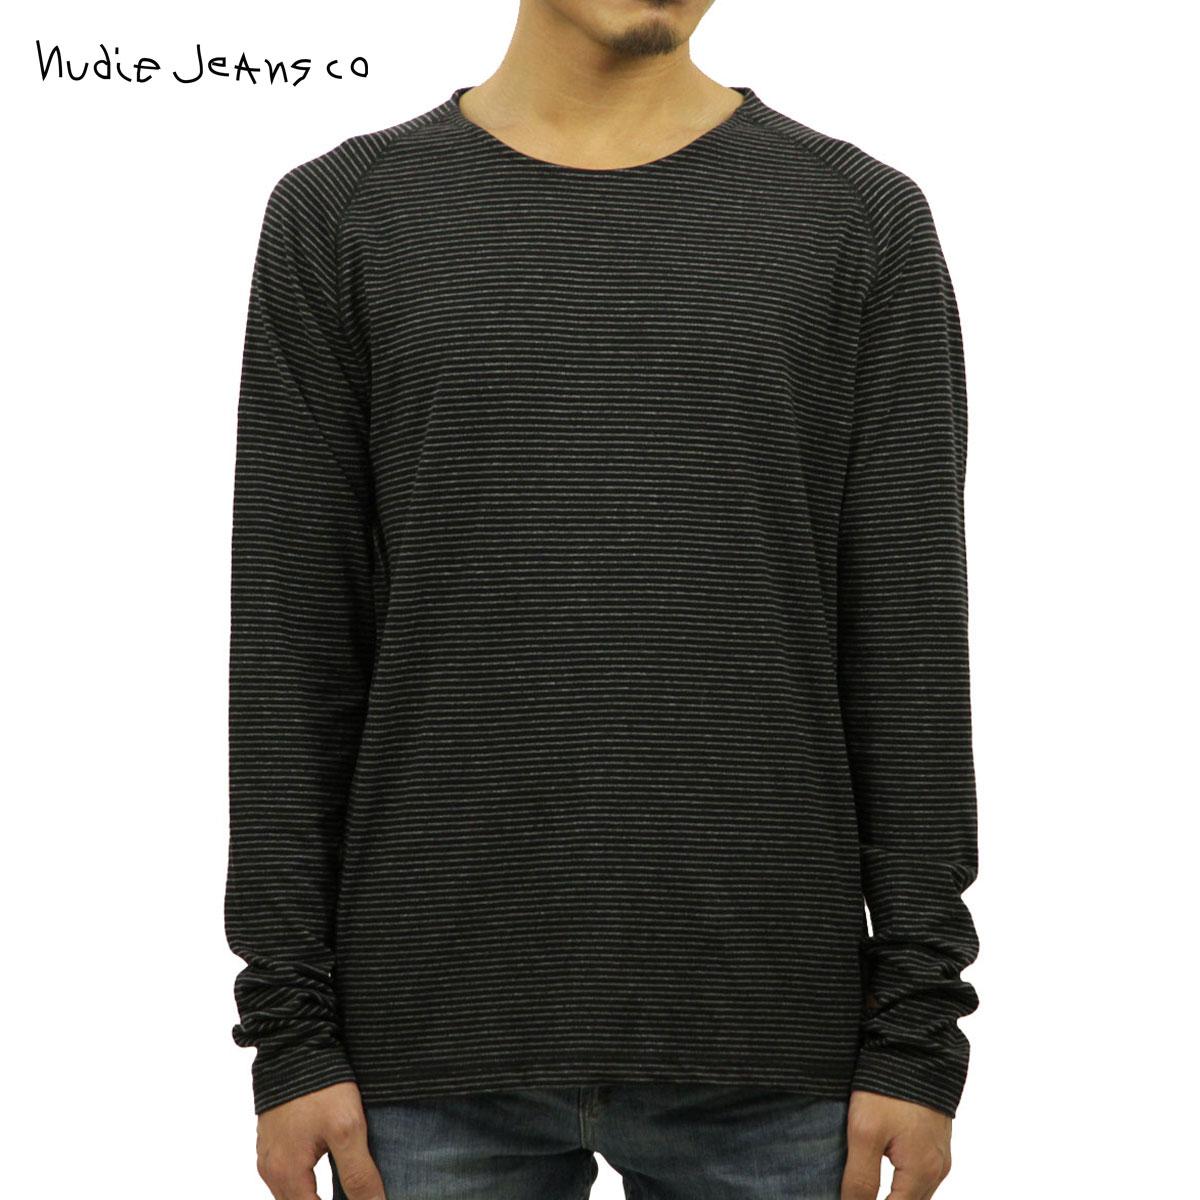 ヌーディージーンズ Nudie Jeans 正規販売店 メンズ 長袖Tシャツ Otto Raglan Black/Grey 131390 D15S25